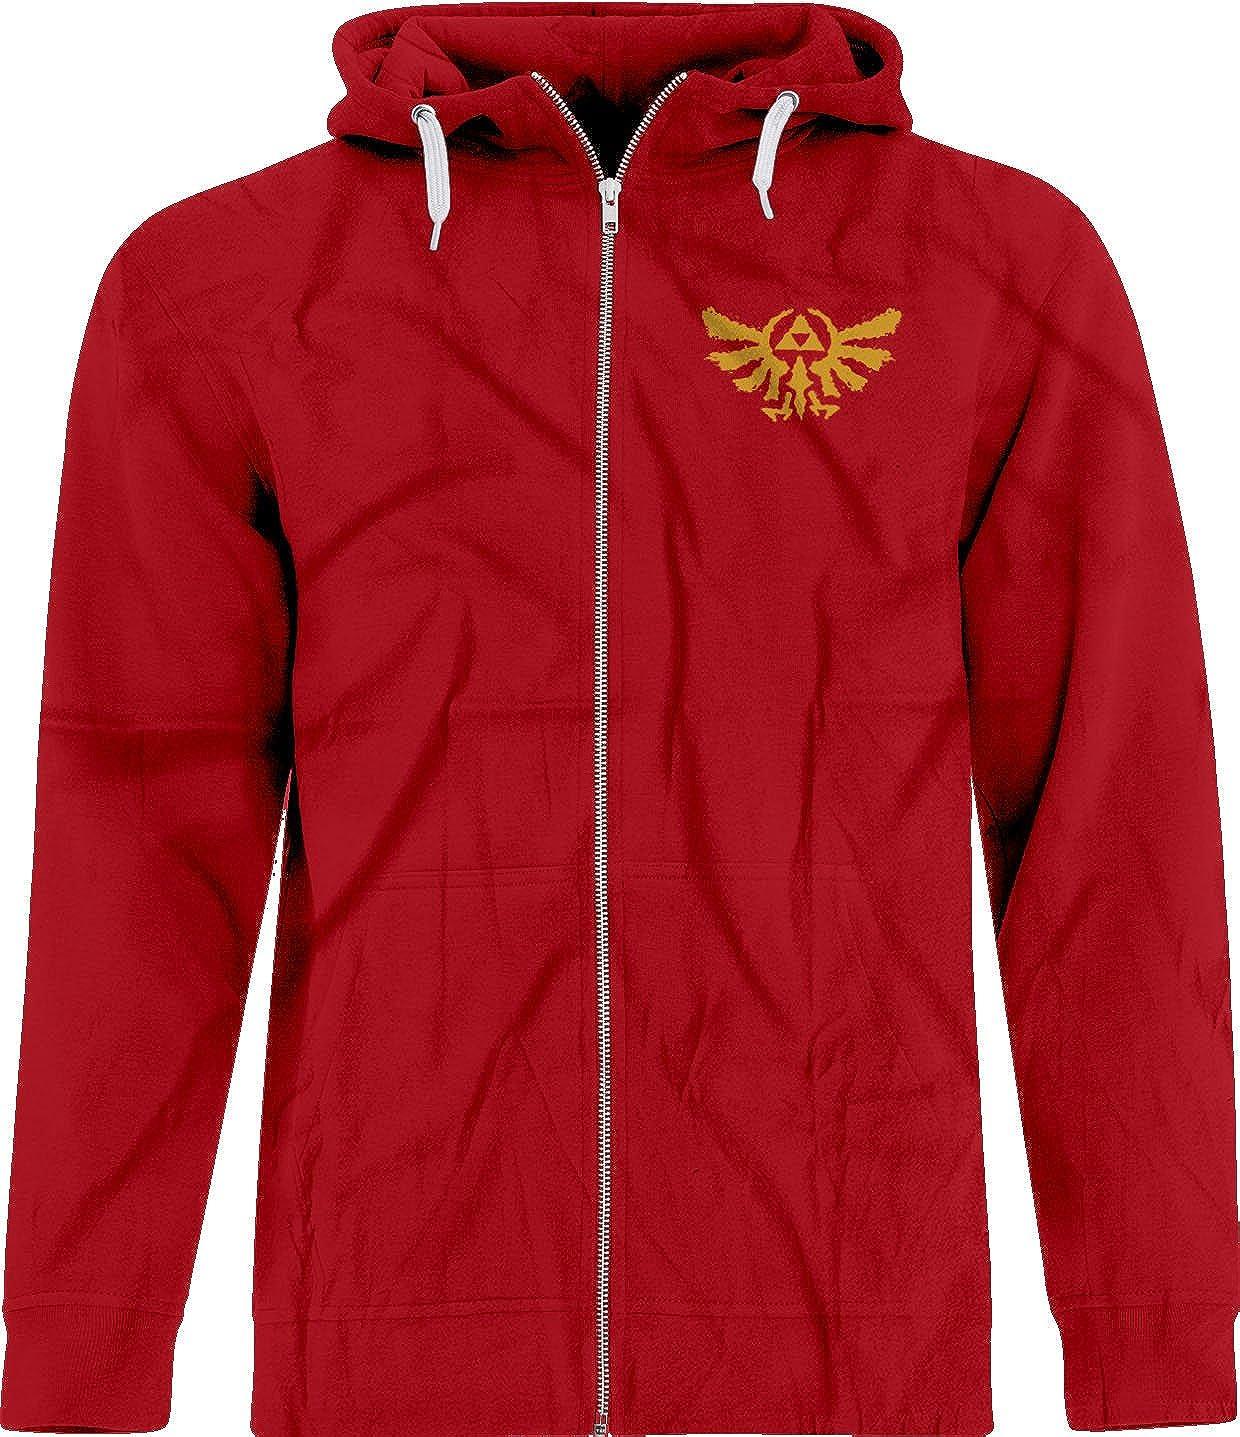 BSW Men's Rorschach Zelda Triforce The Golden Power Crest Zip Hoodie 1246-1HPZC